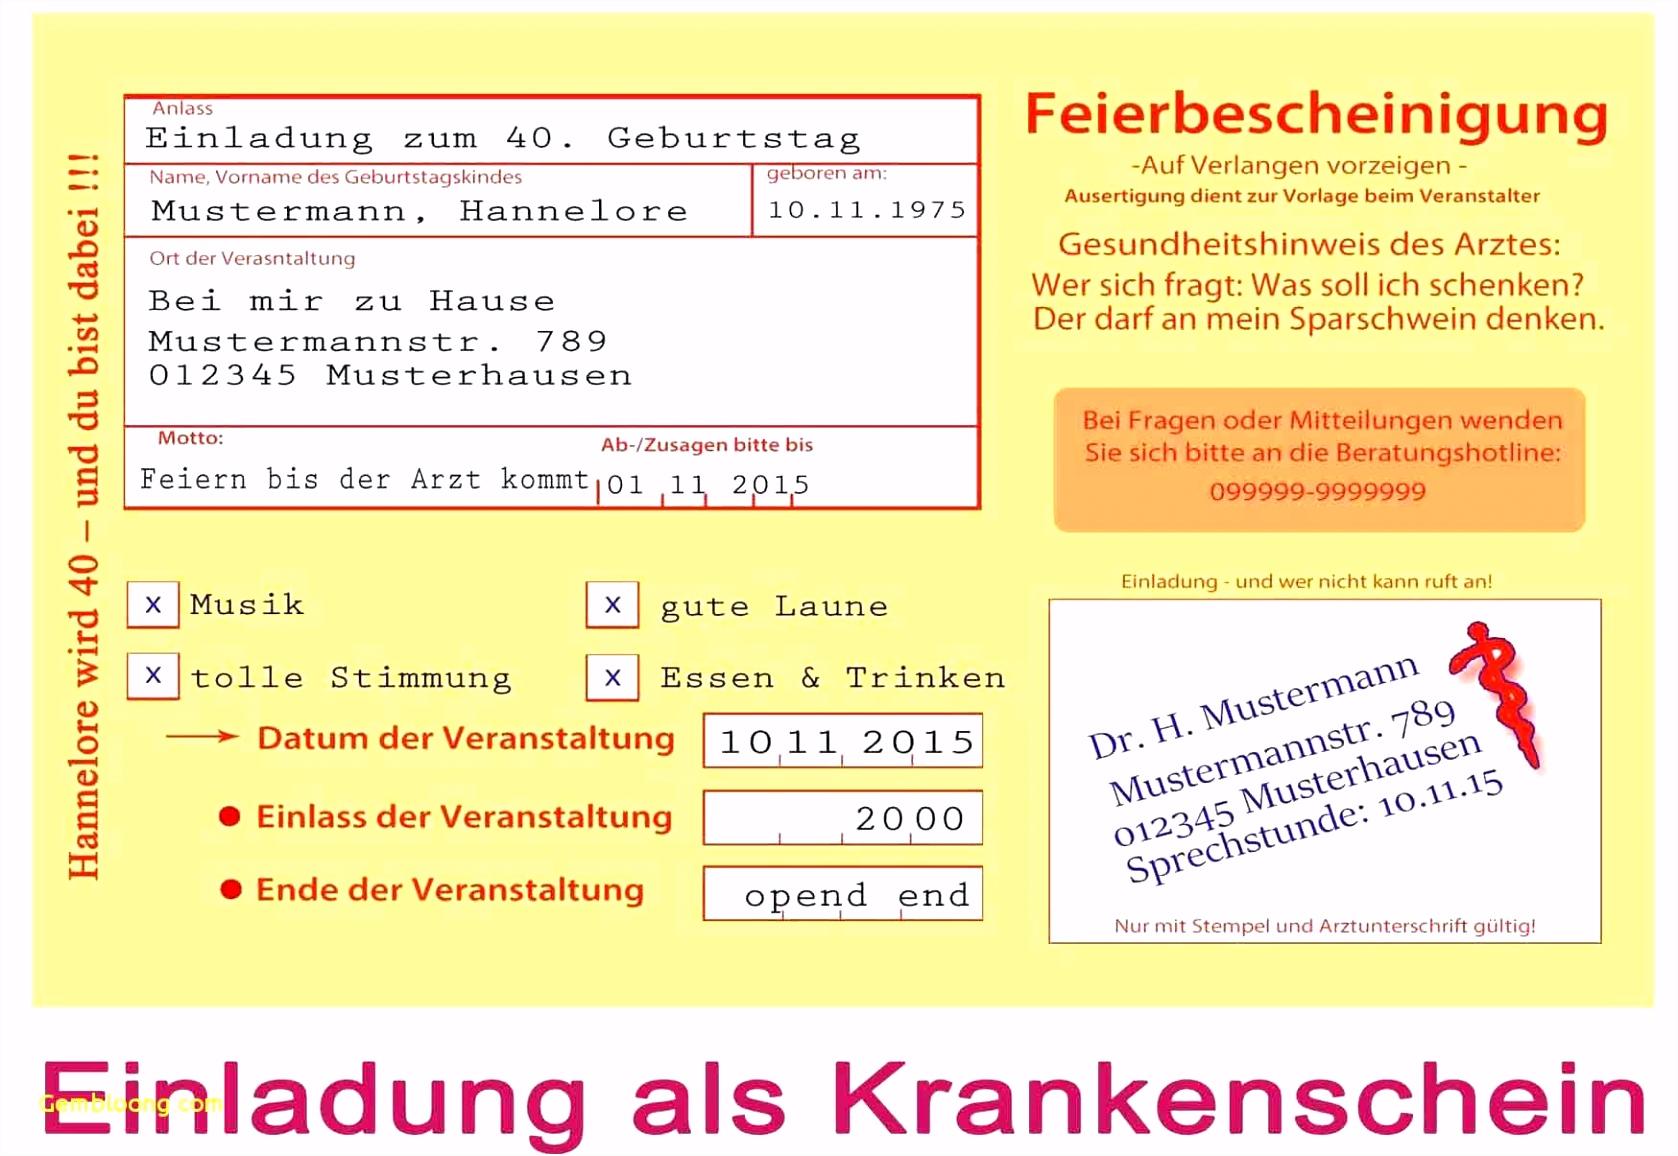 Einladungstext Zum Geburtstag Vorlage Einladung 60 Geburtstag Vorlagen N5id33ief6 Lugh5hxrn6